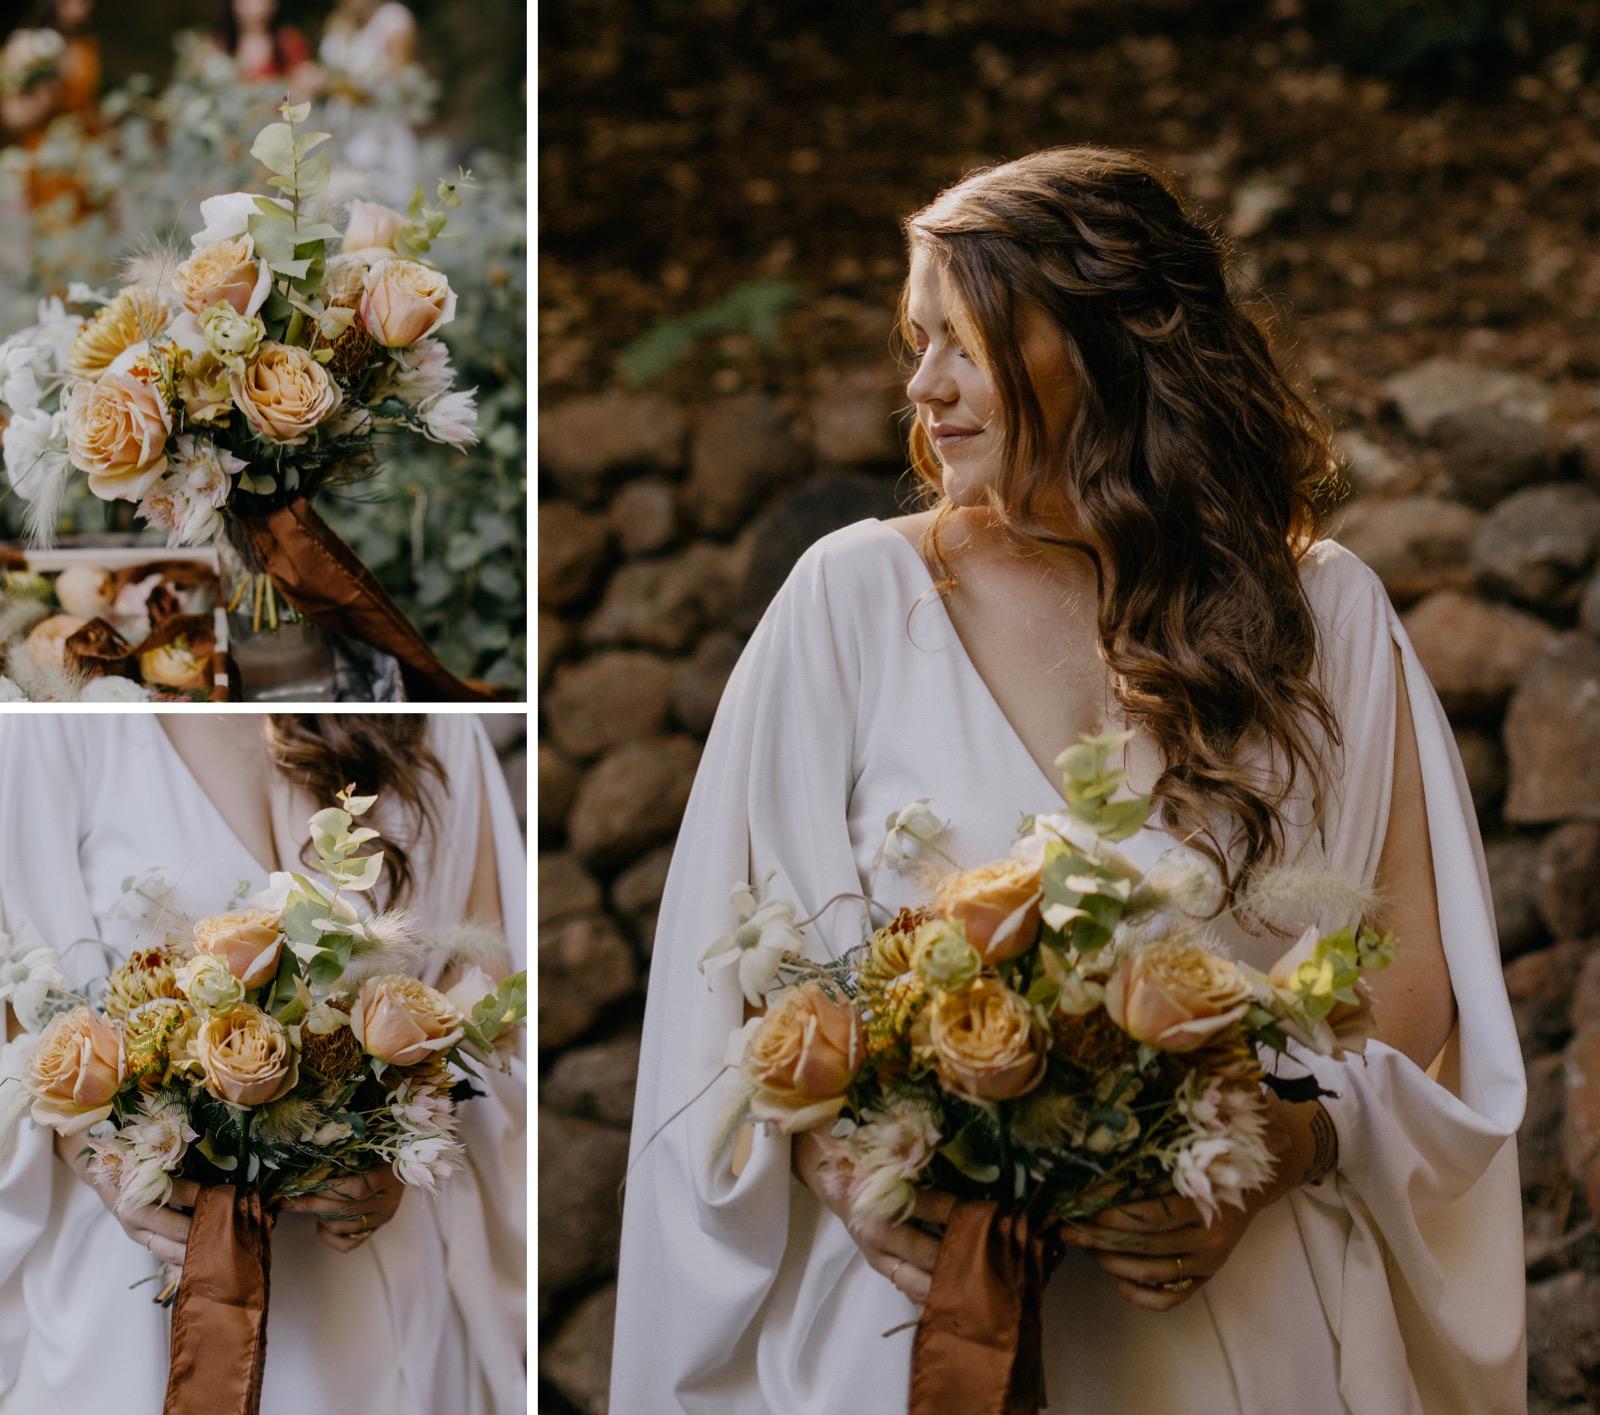 046_Emily & Jeff Wedding 0305_Emily & Jeff Wedding 0450_Emily & Jeff Wedding 0452_wedding_florals_details